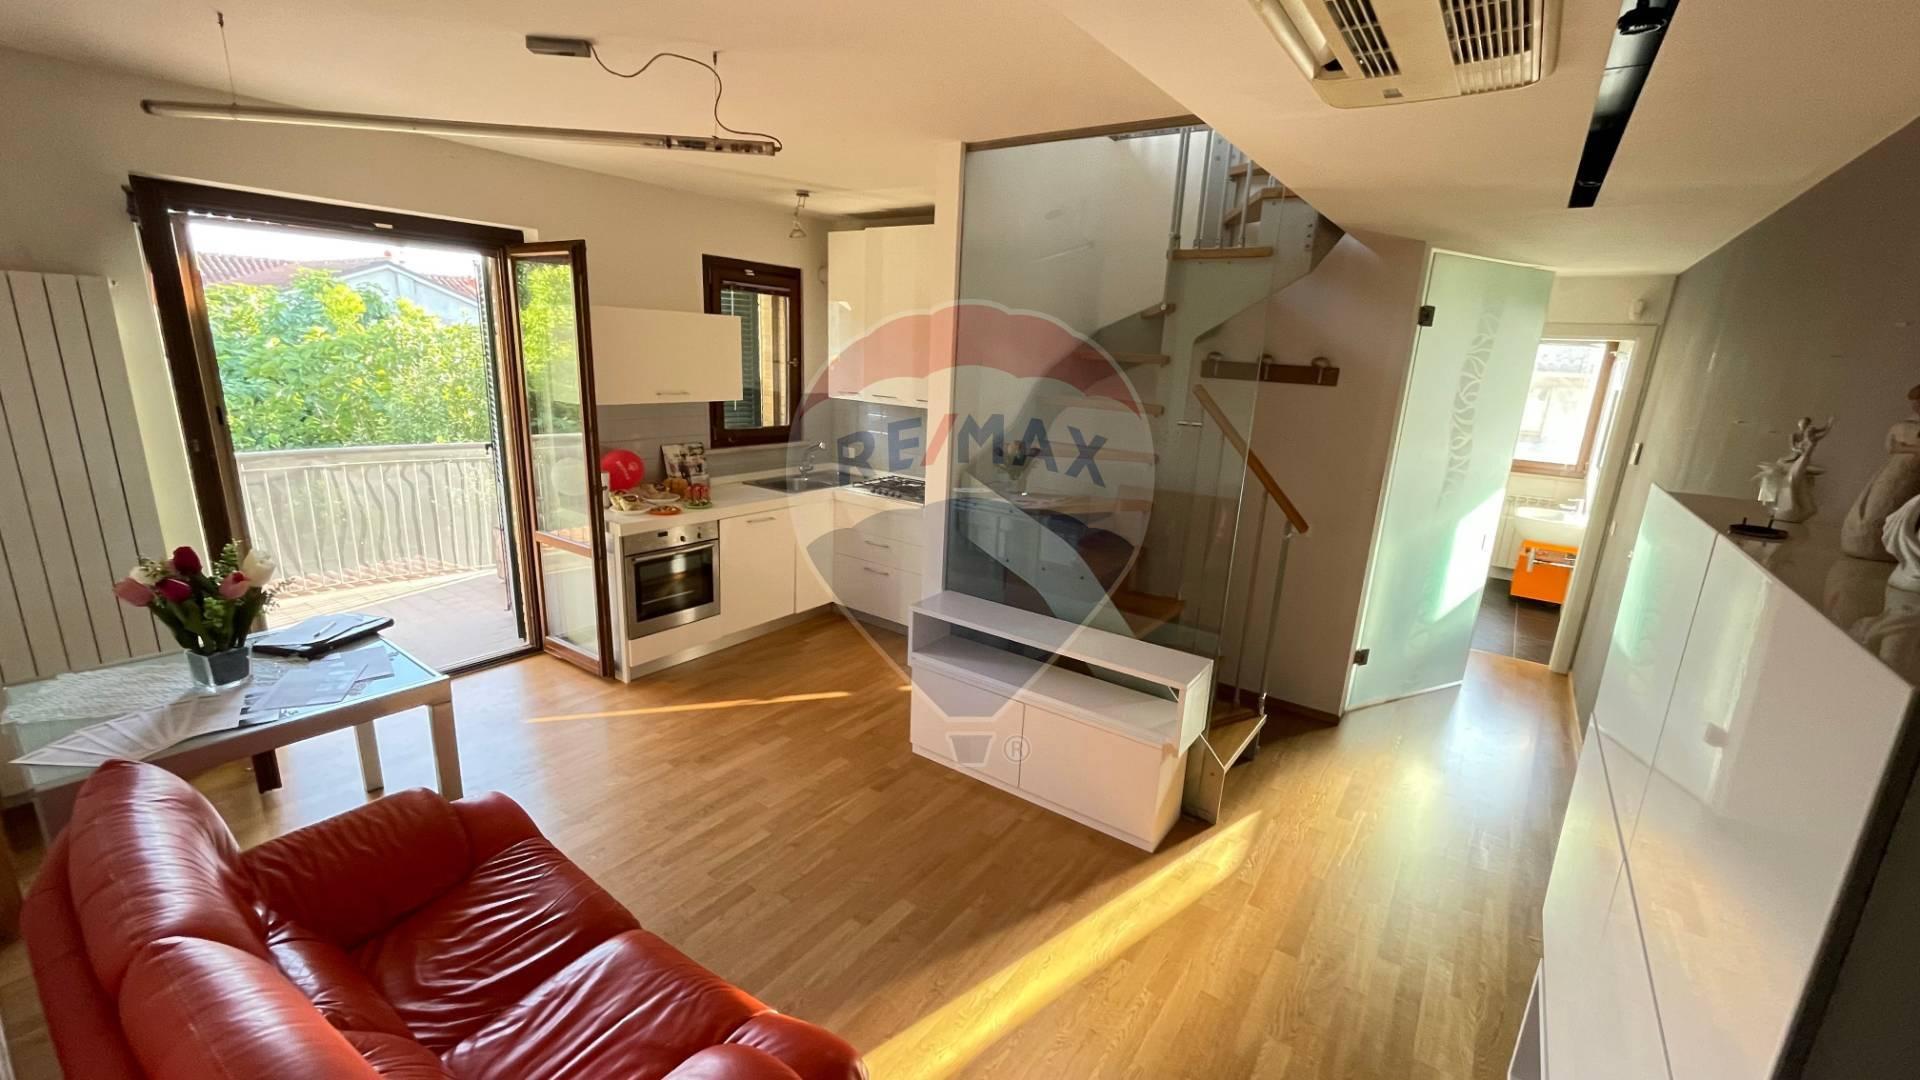 Appartamento in vendita a Montemarciano, 3 locali, prezzo € 87.500 | CambioCasa.it